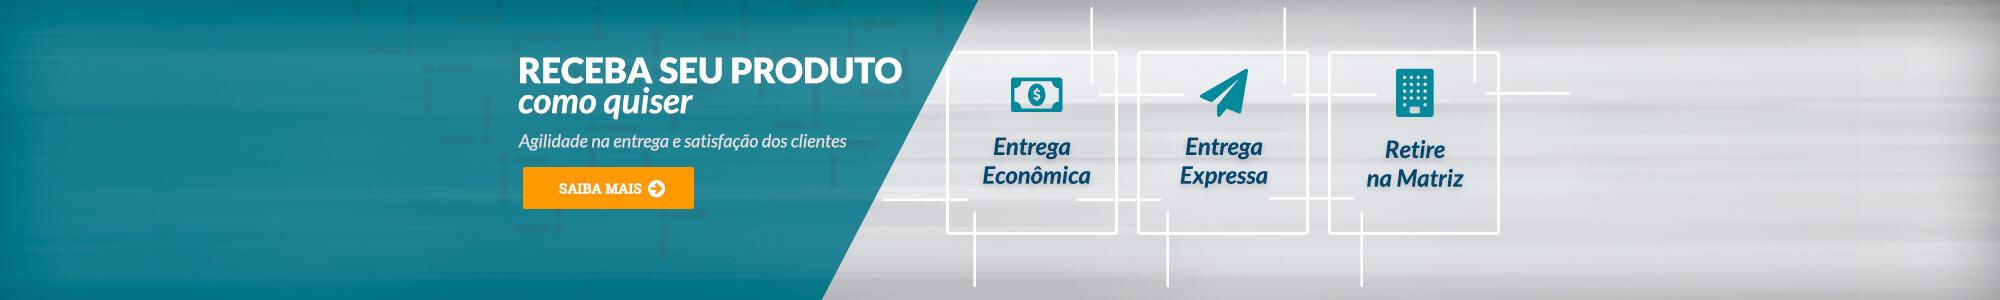 Banner Formas de Entrega